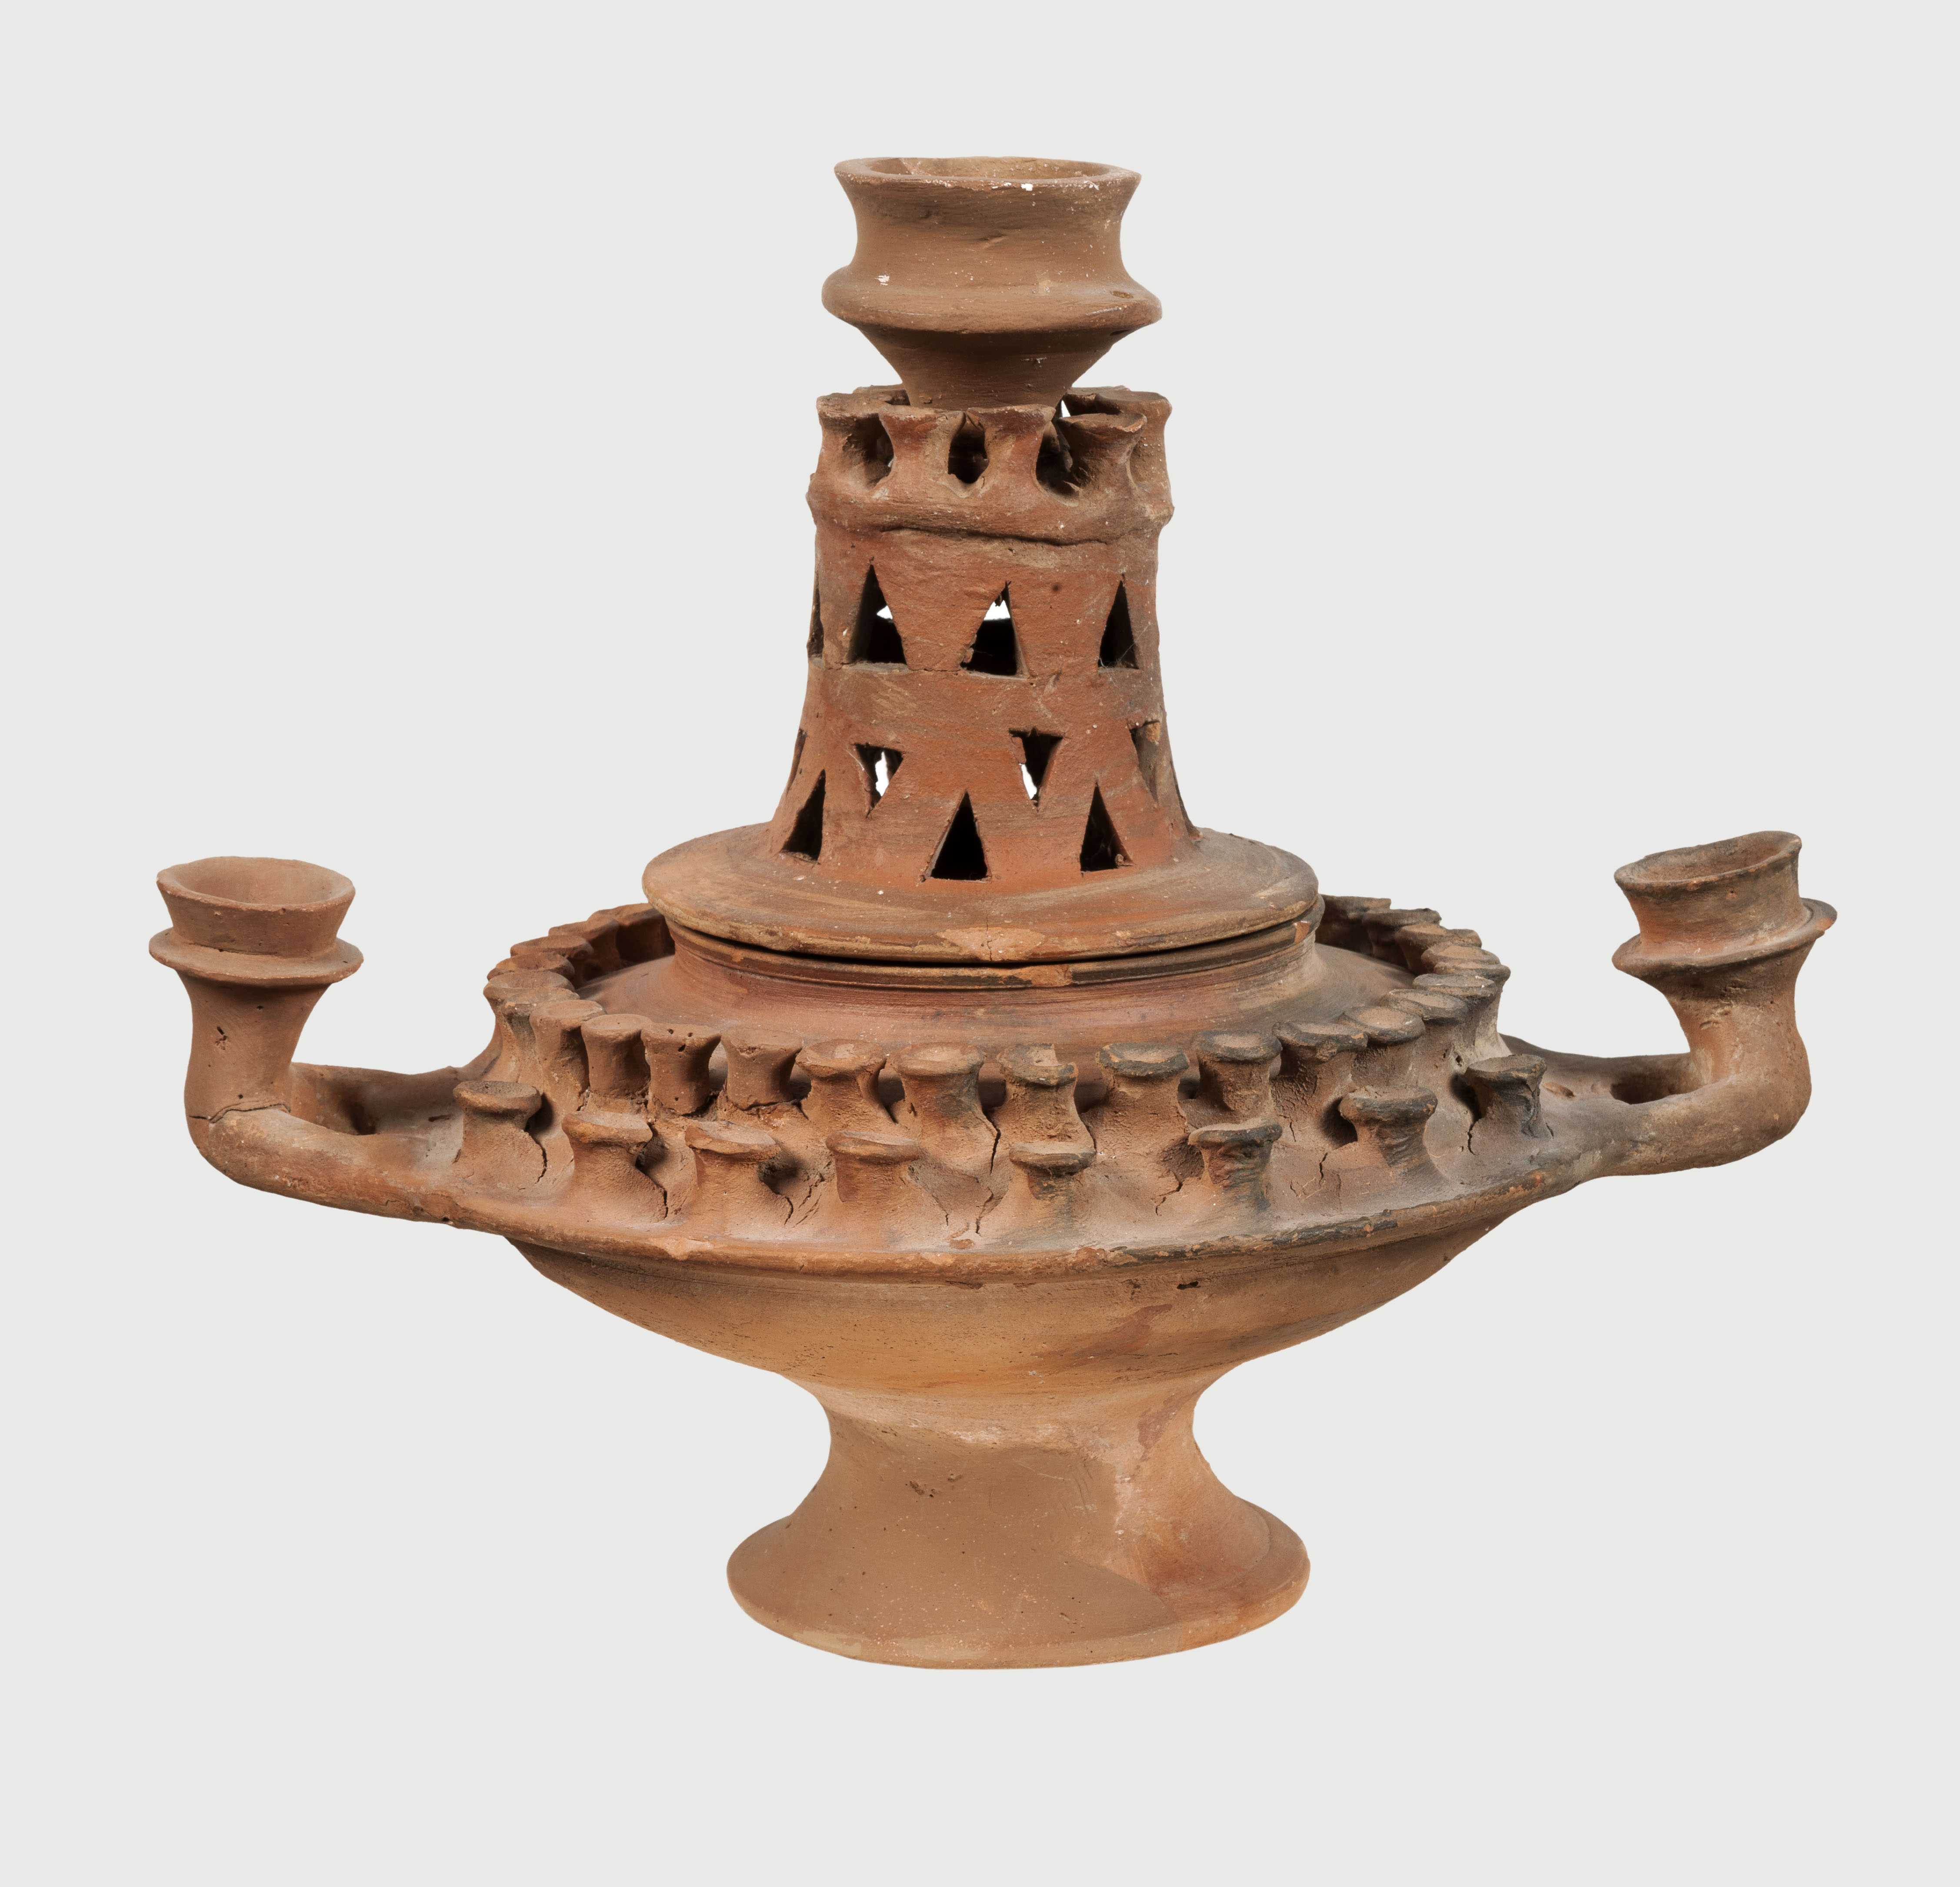 Κέρνος, τελετουργικό αγγείο από την Ελευσίνα